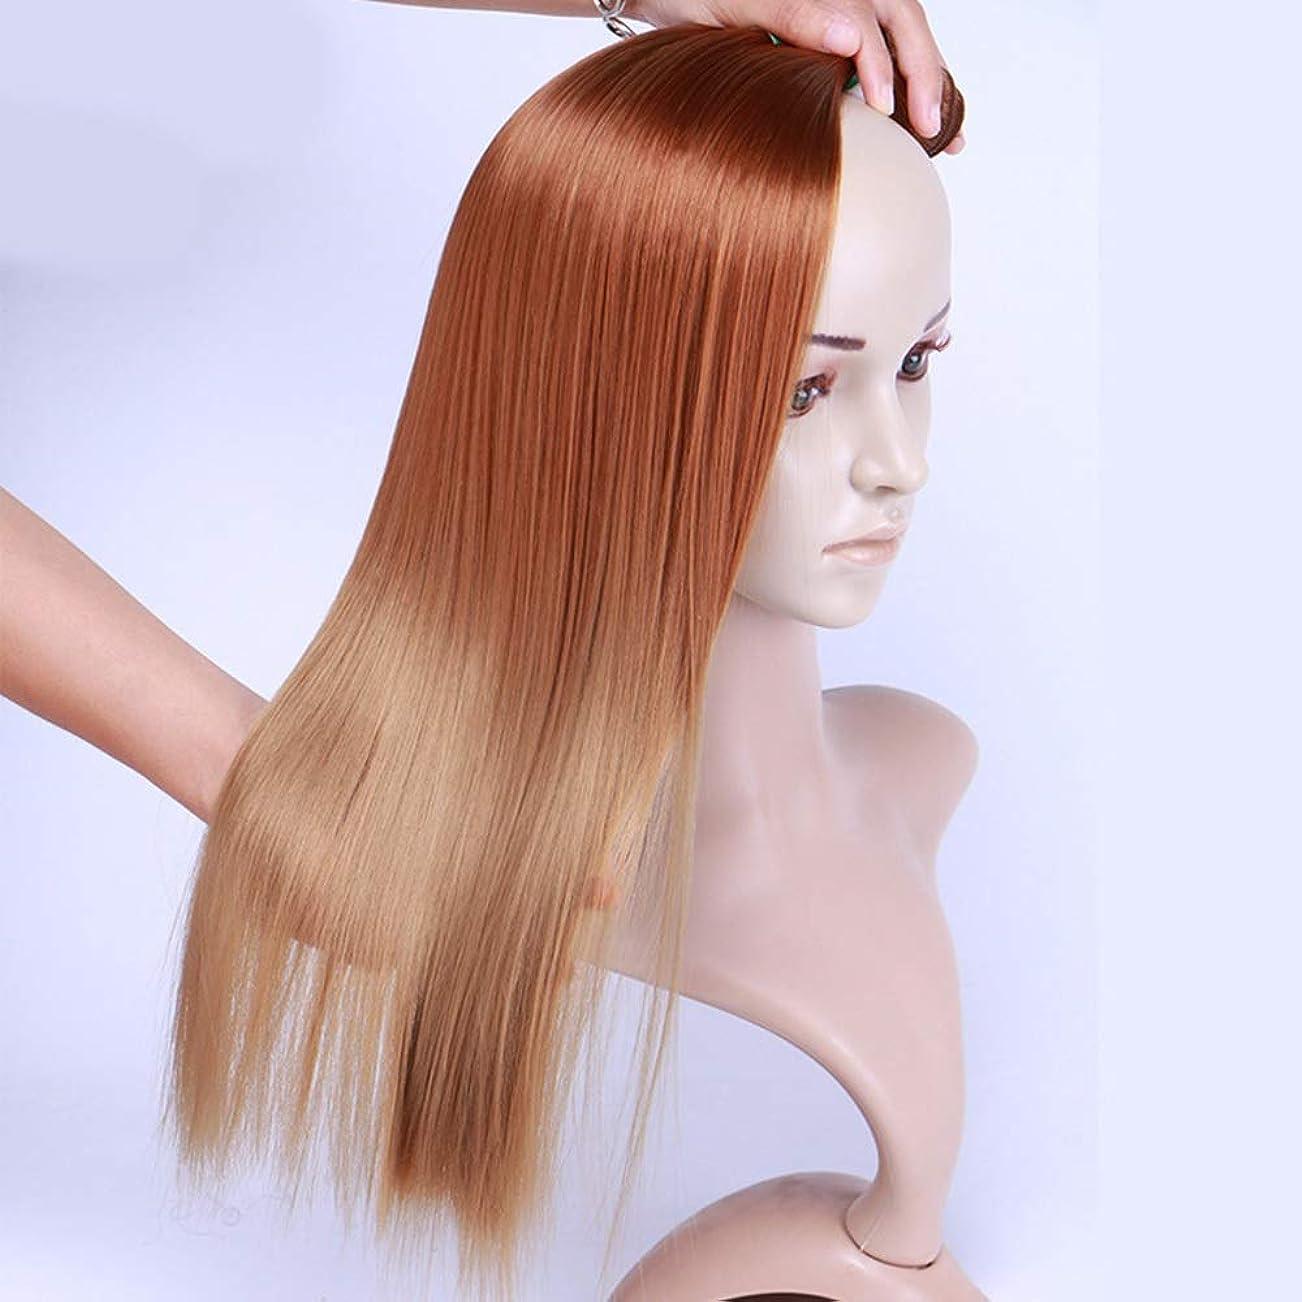 HOHYLLYA 絹のようなストレートの髪織り3バンドルヘアエクステンション - 女性のための茶色がかった黄色の人工毛レースのかつらロールプレイングウィッグロングとショートの女性自然 (色 : Brownish yellow, サイズ : 18